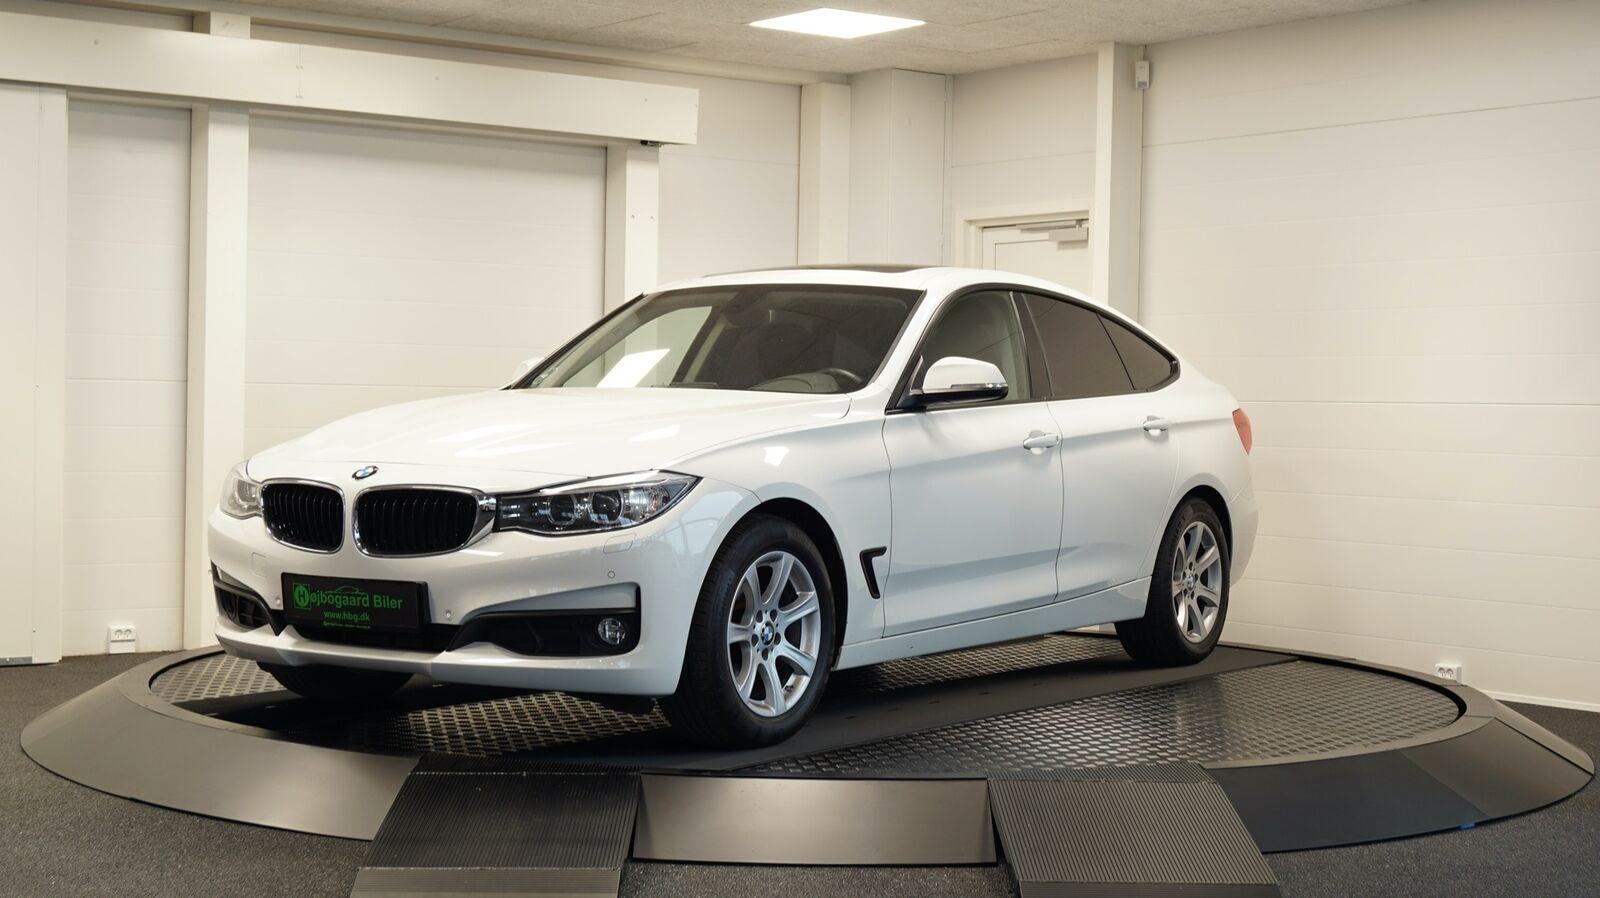 BMW 320d 2,0 Gran Turismo aut. 5d - 249.800 kr.